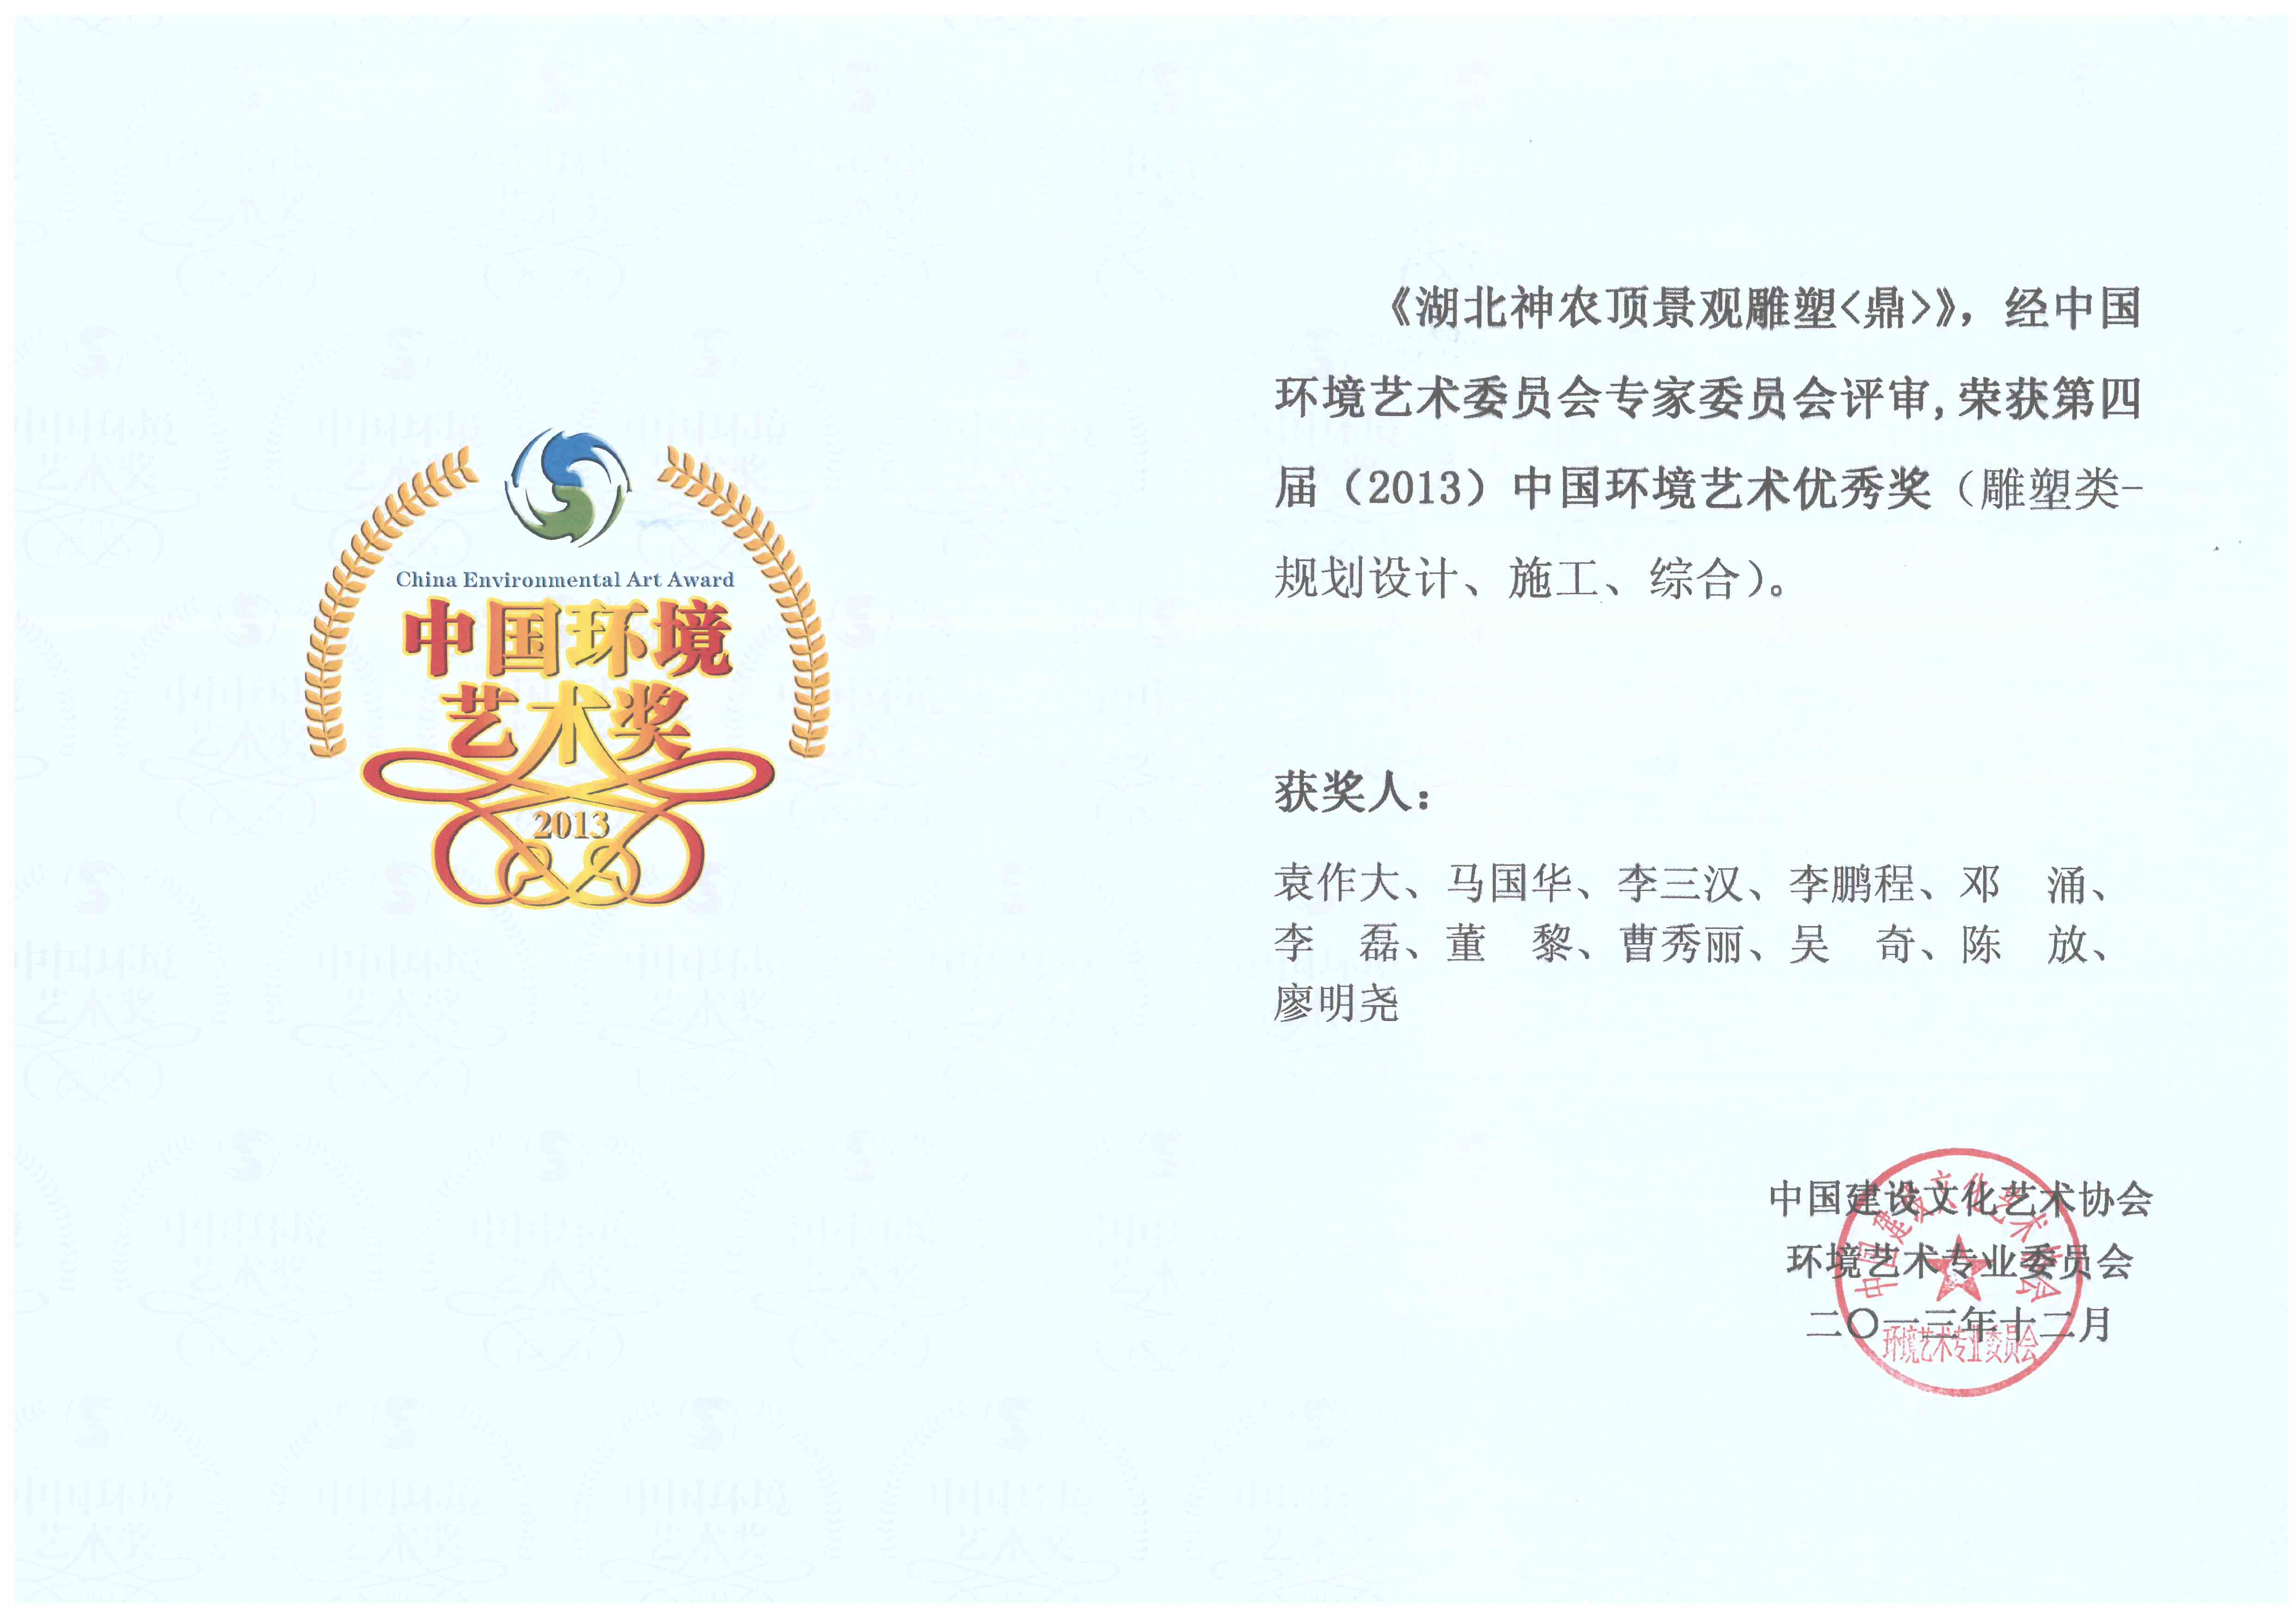 2013年中国环境艺术优秀奖(雕塑类)